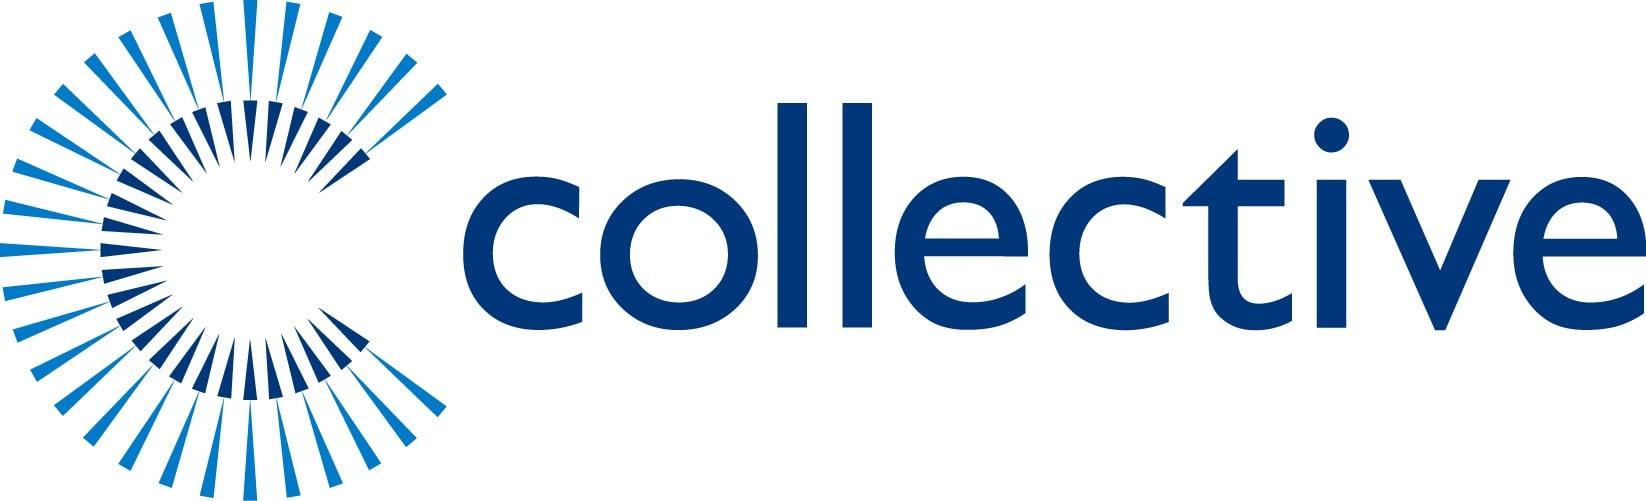 collective-logo.jpg